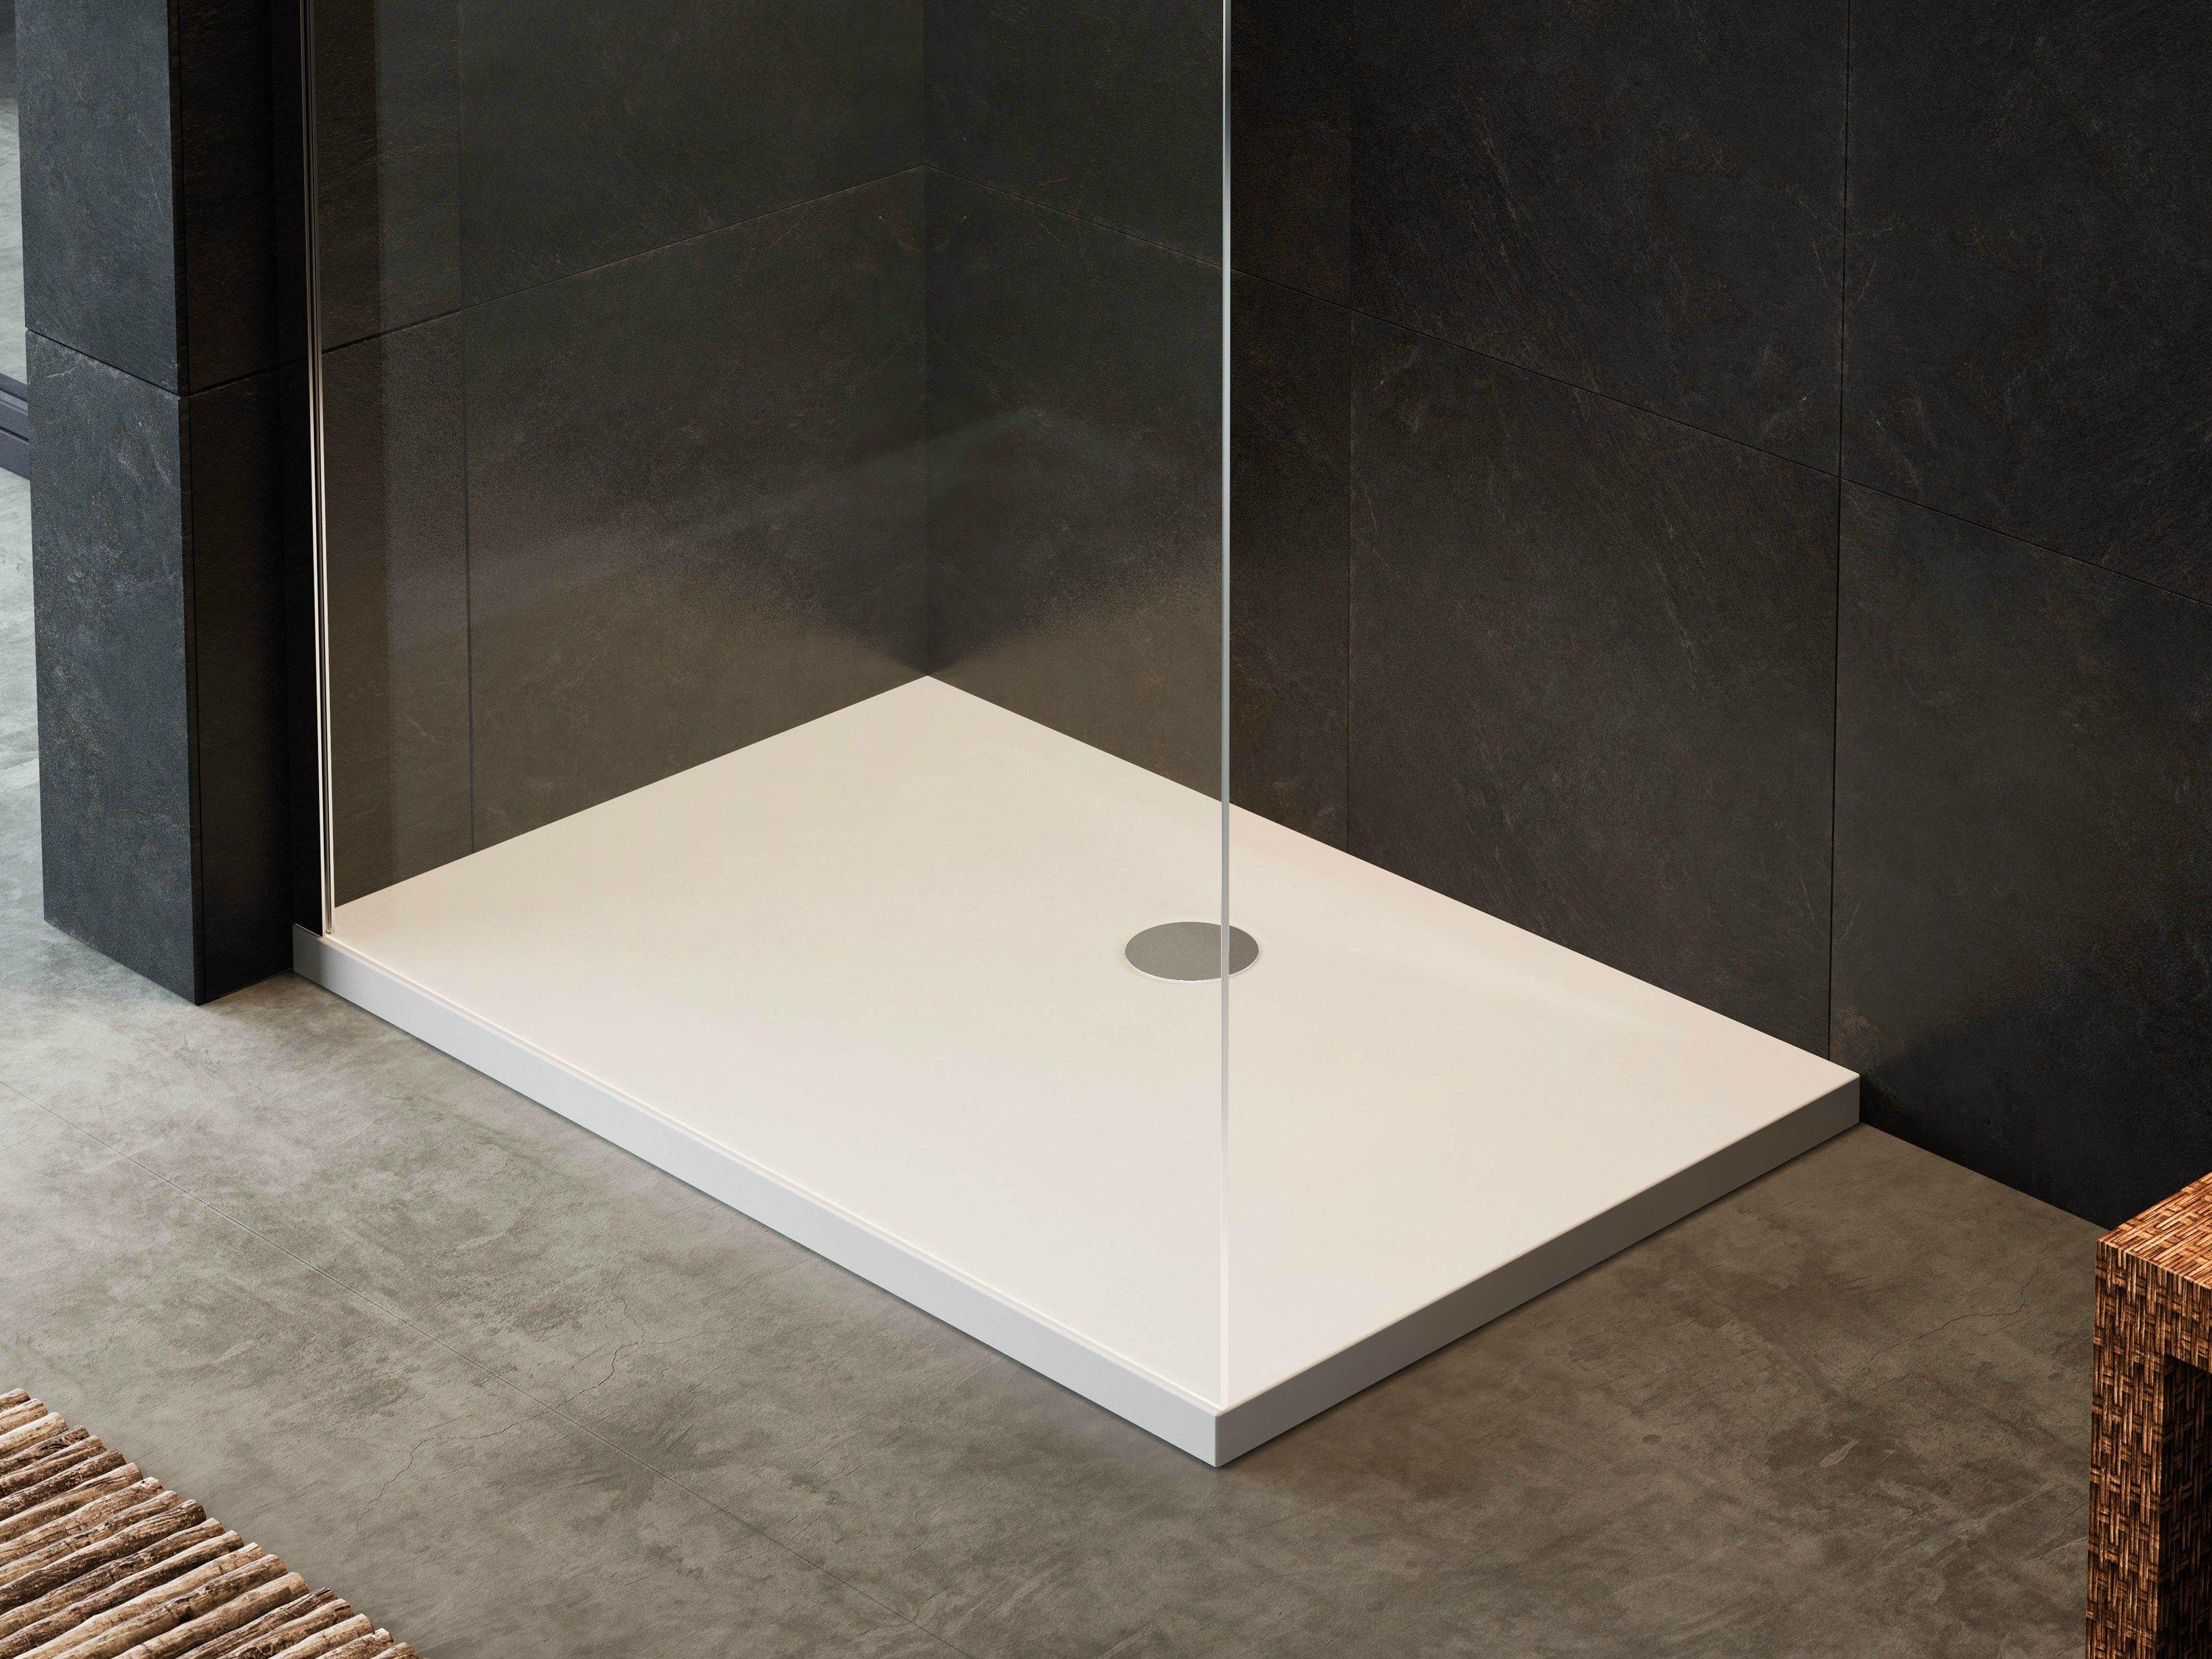 Suite piatto doccia rettangolare by glass 1989 - Piatto doccia incassato nel pavimento ...